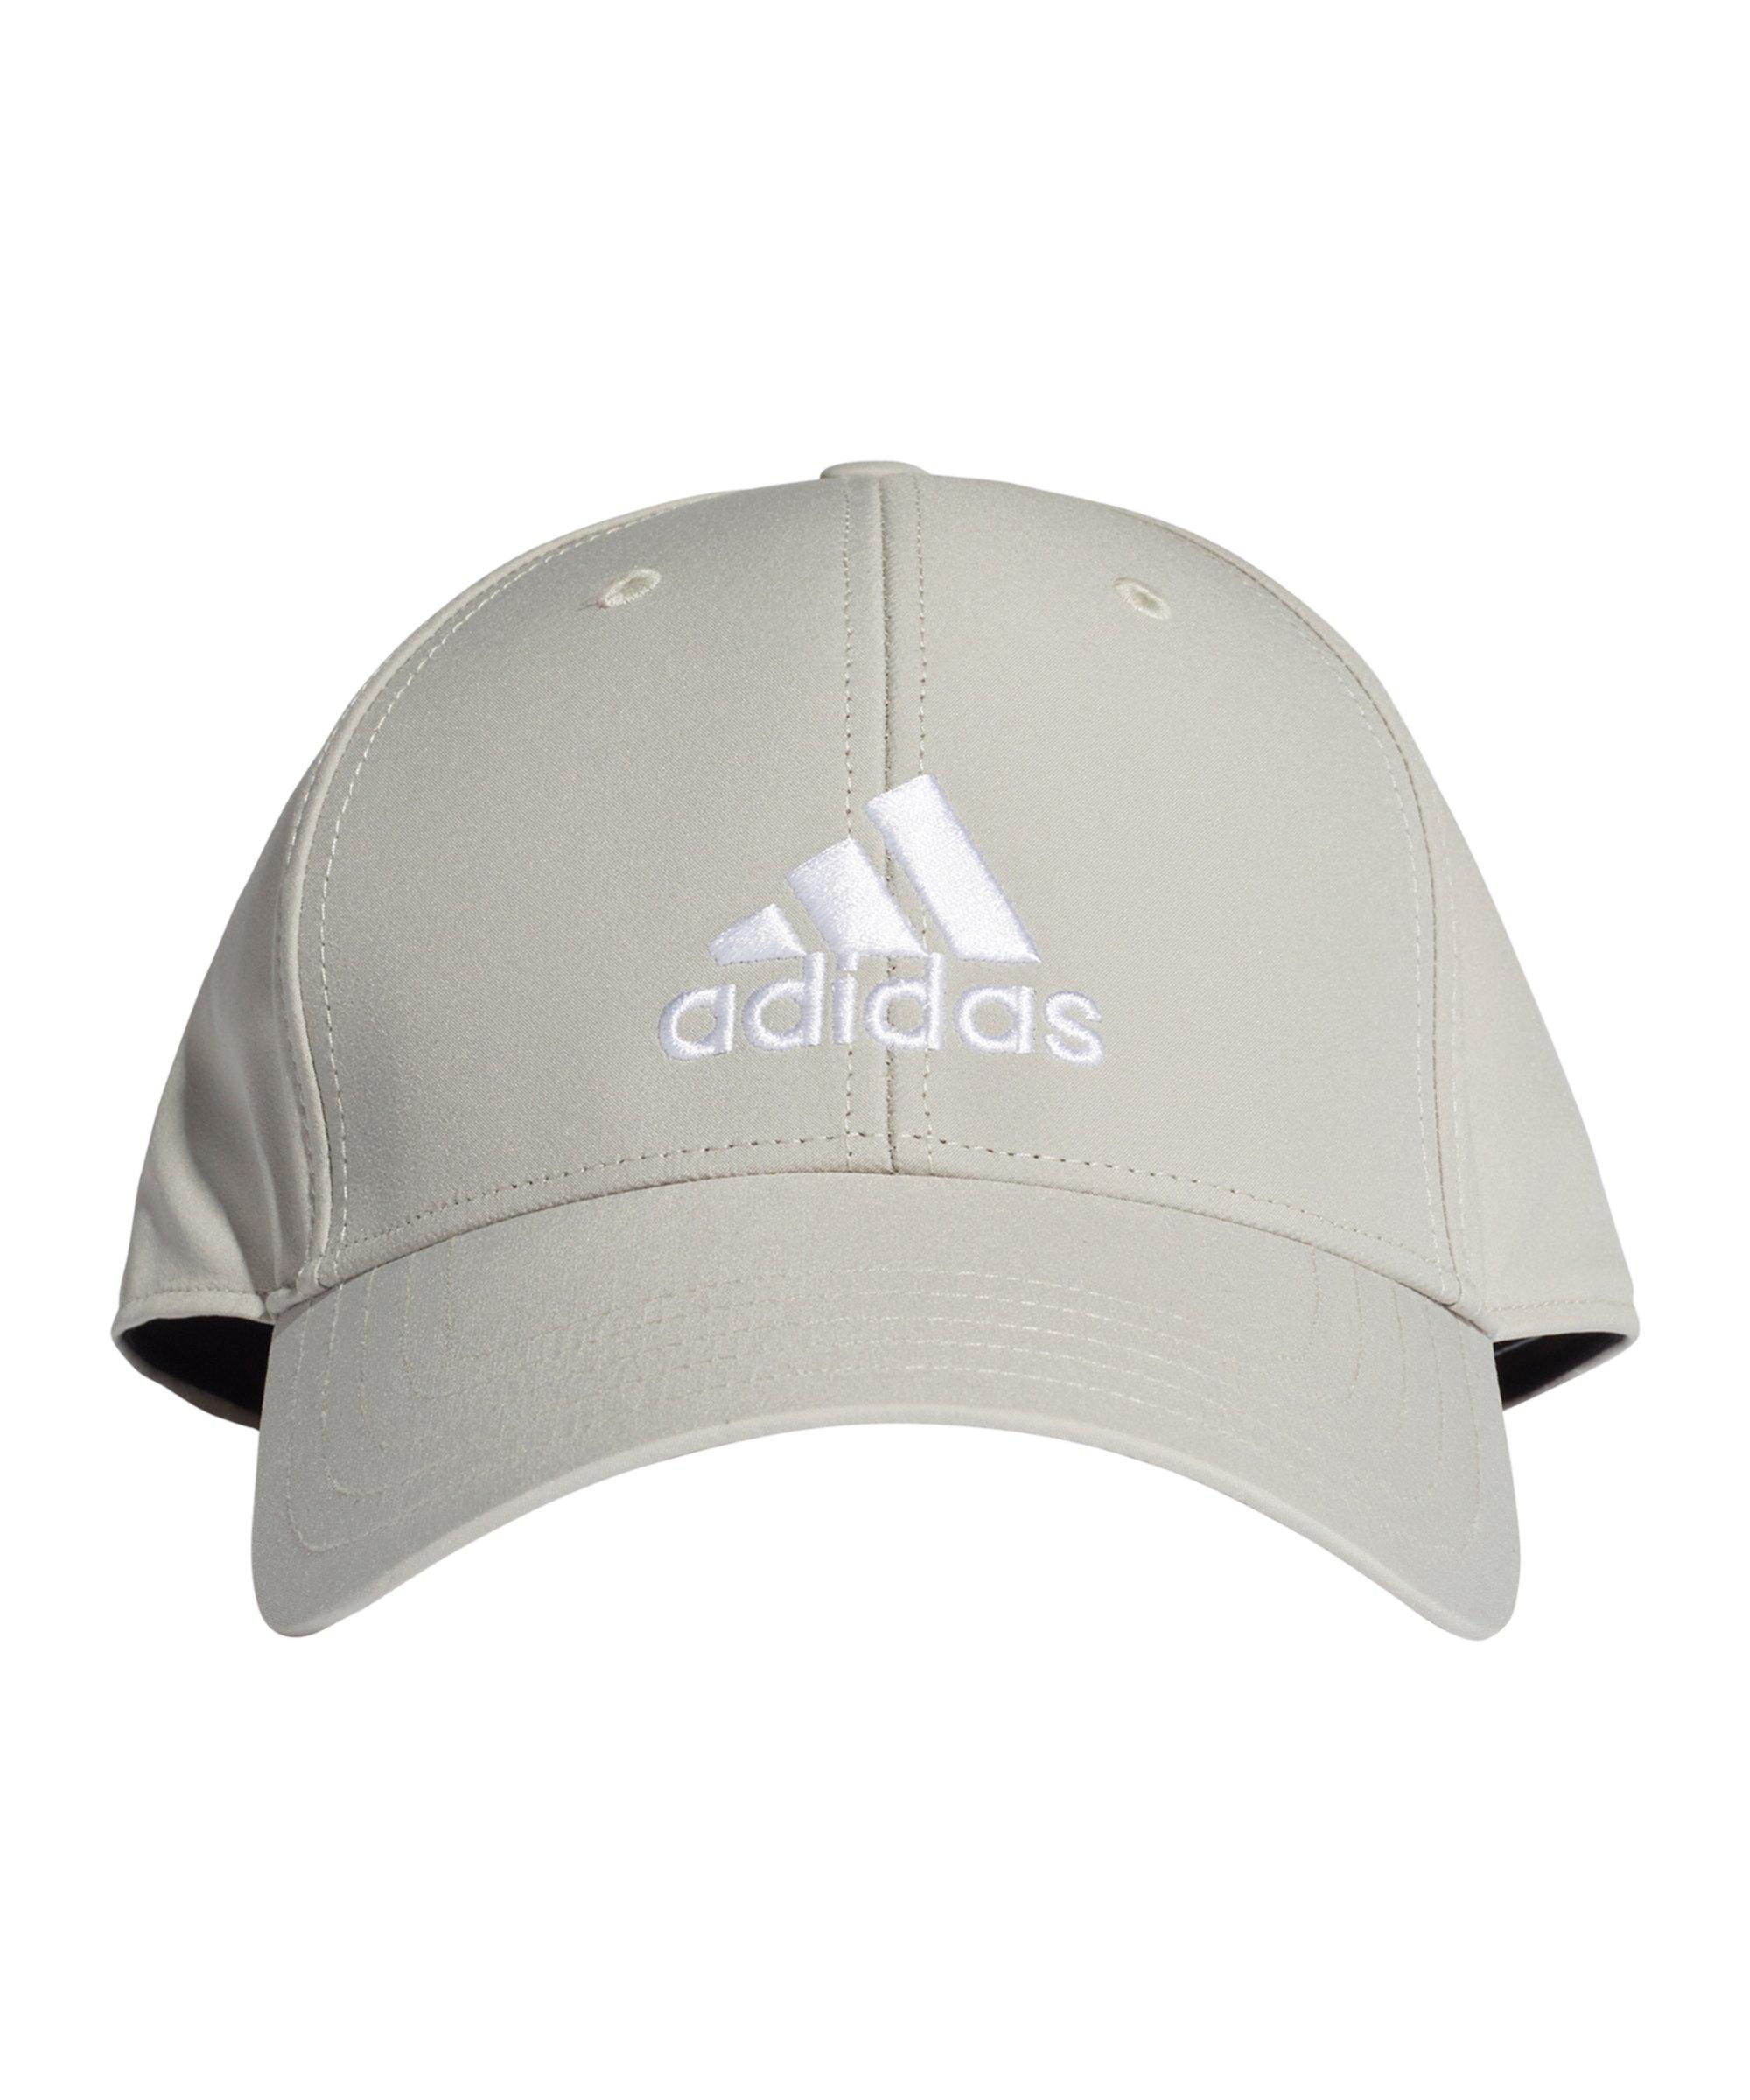 adidas Baseball Cap Kappe Grau - grau